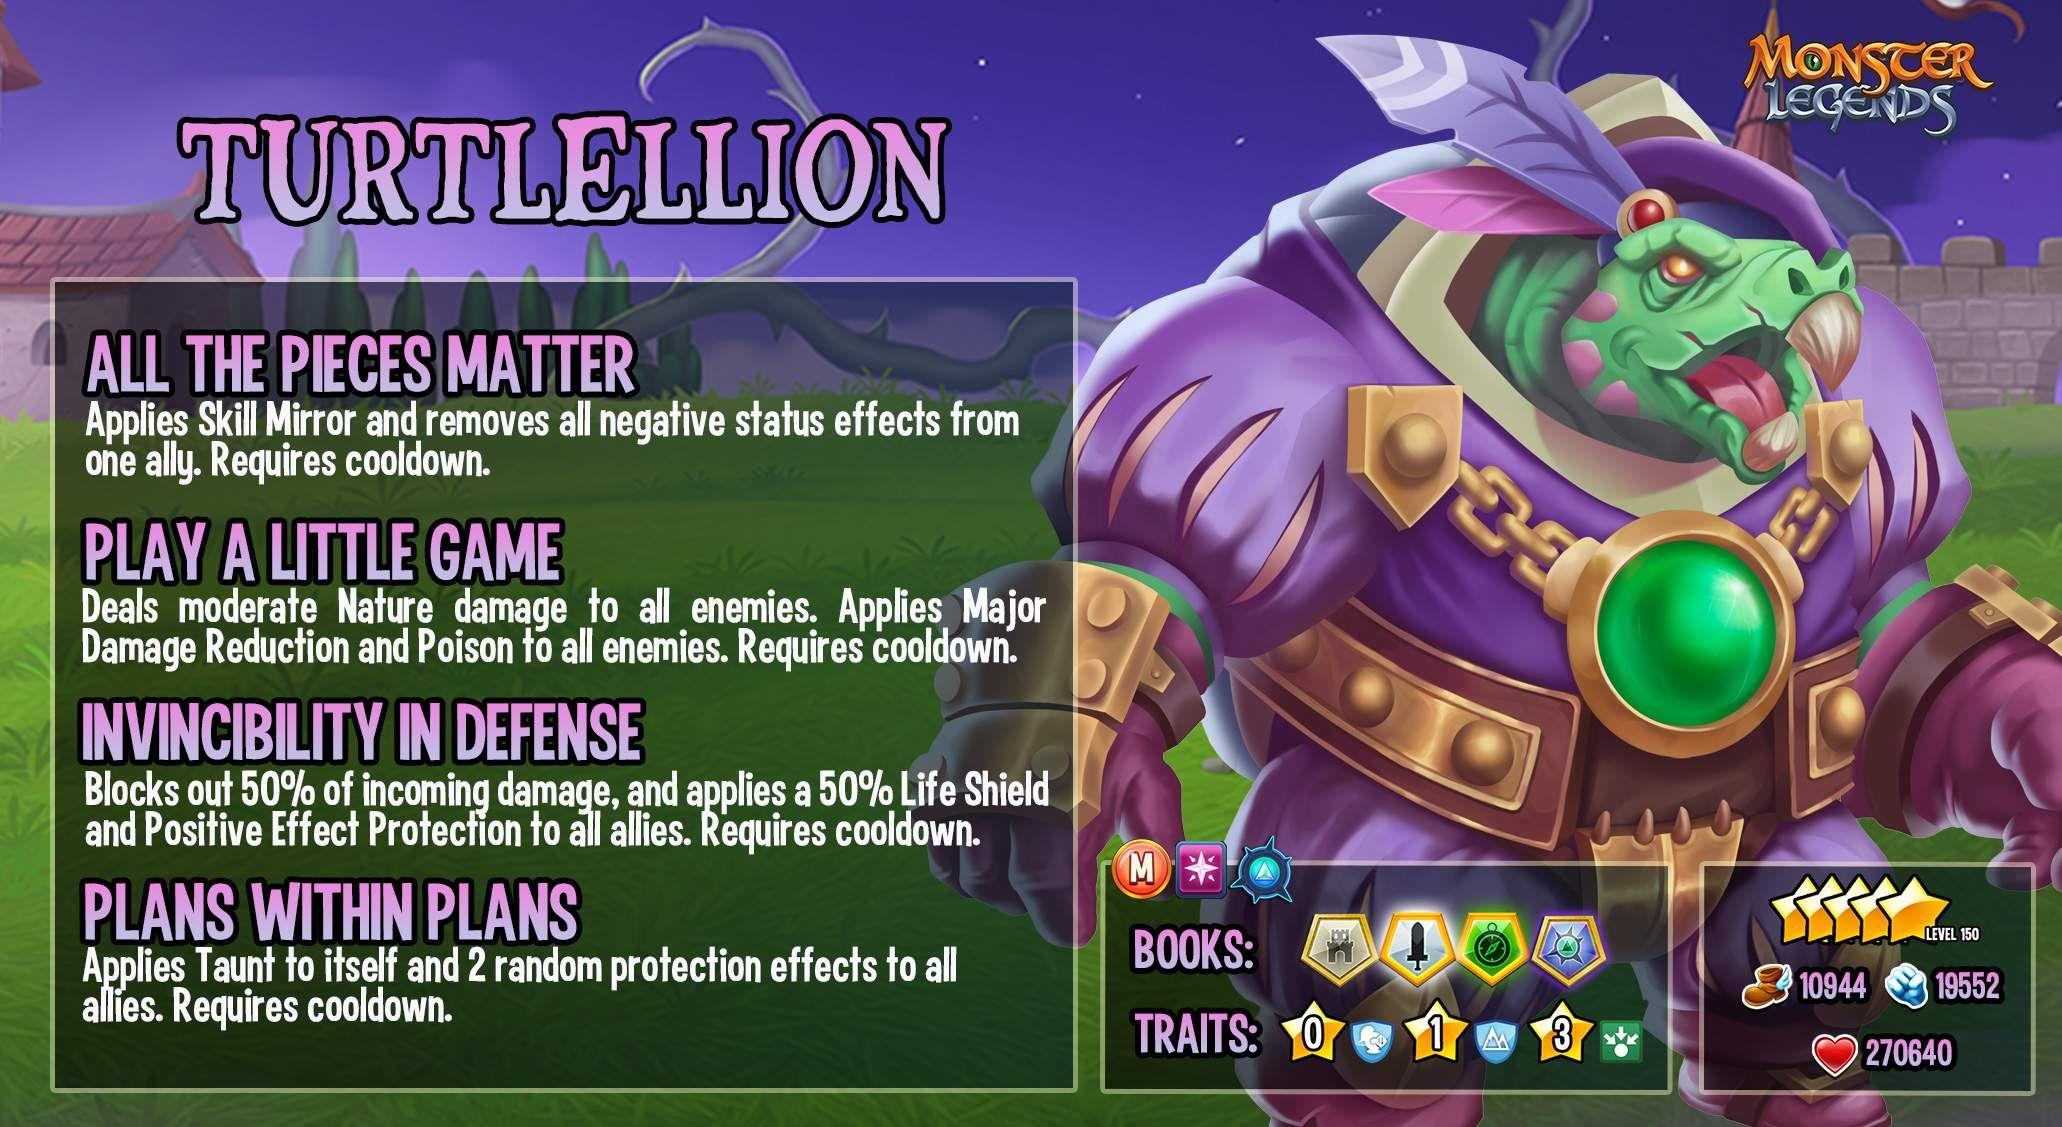 0_1622640441428_Turtlellion.jpg